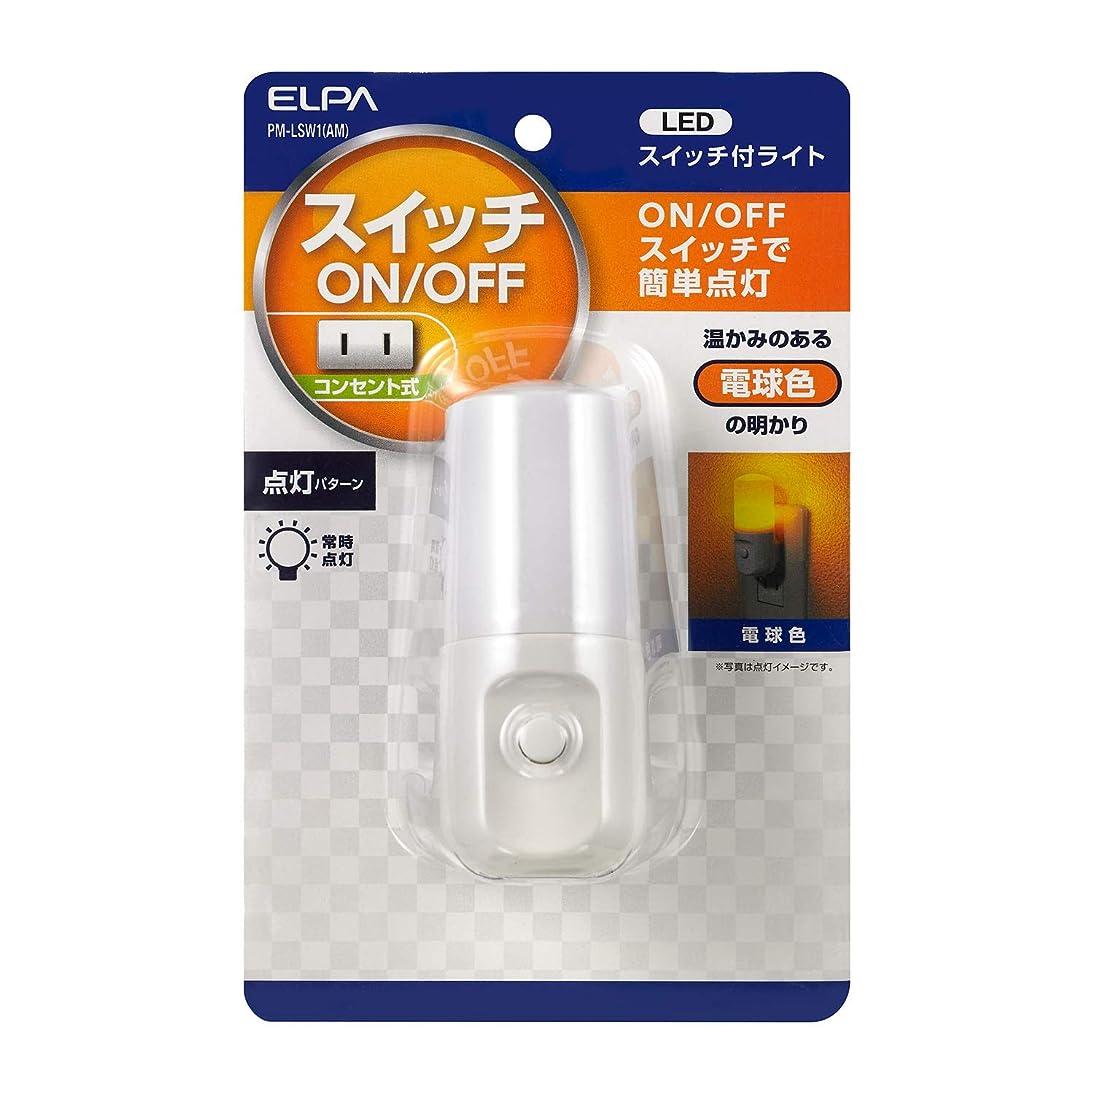 検出可能スペイン語君主制ELPA エルパ LEDスイッチ付ライト 電球色 ON/OFFスイッチで簡単点灯 耐トラッキングカバー付 PM-LSW1(AM)